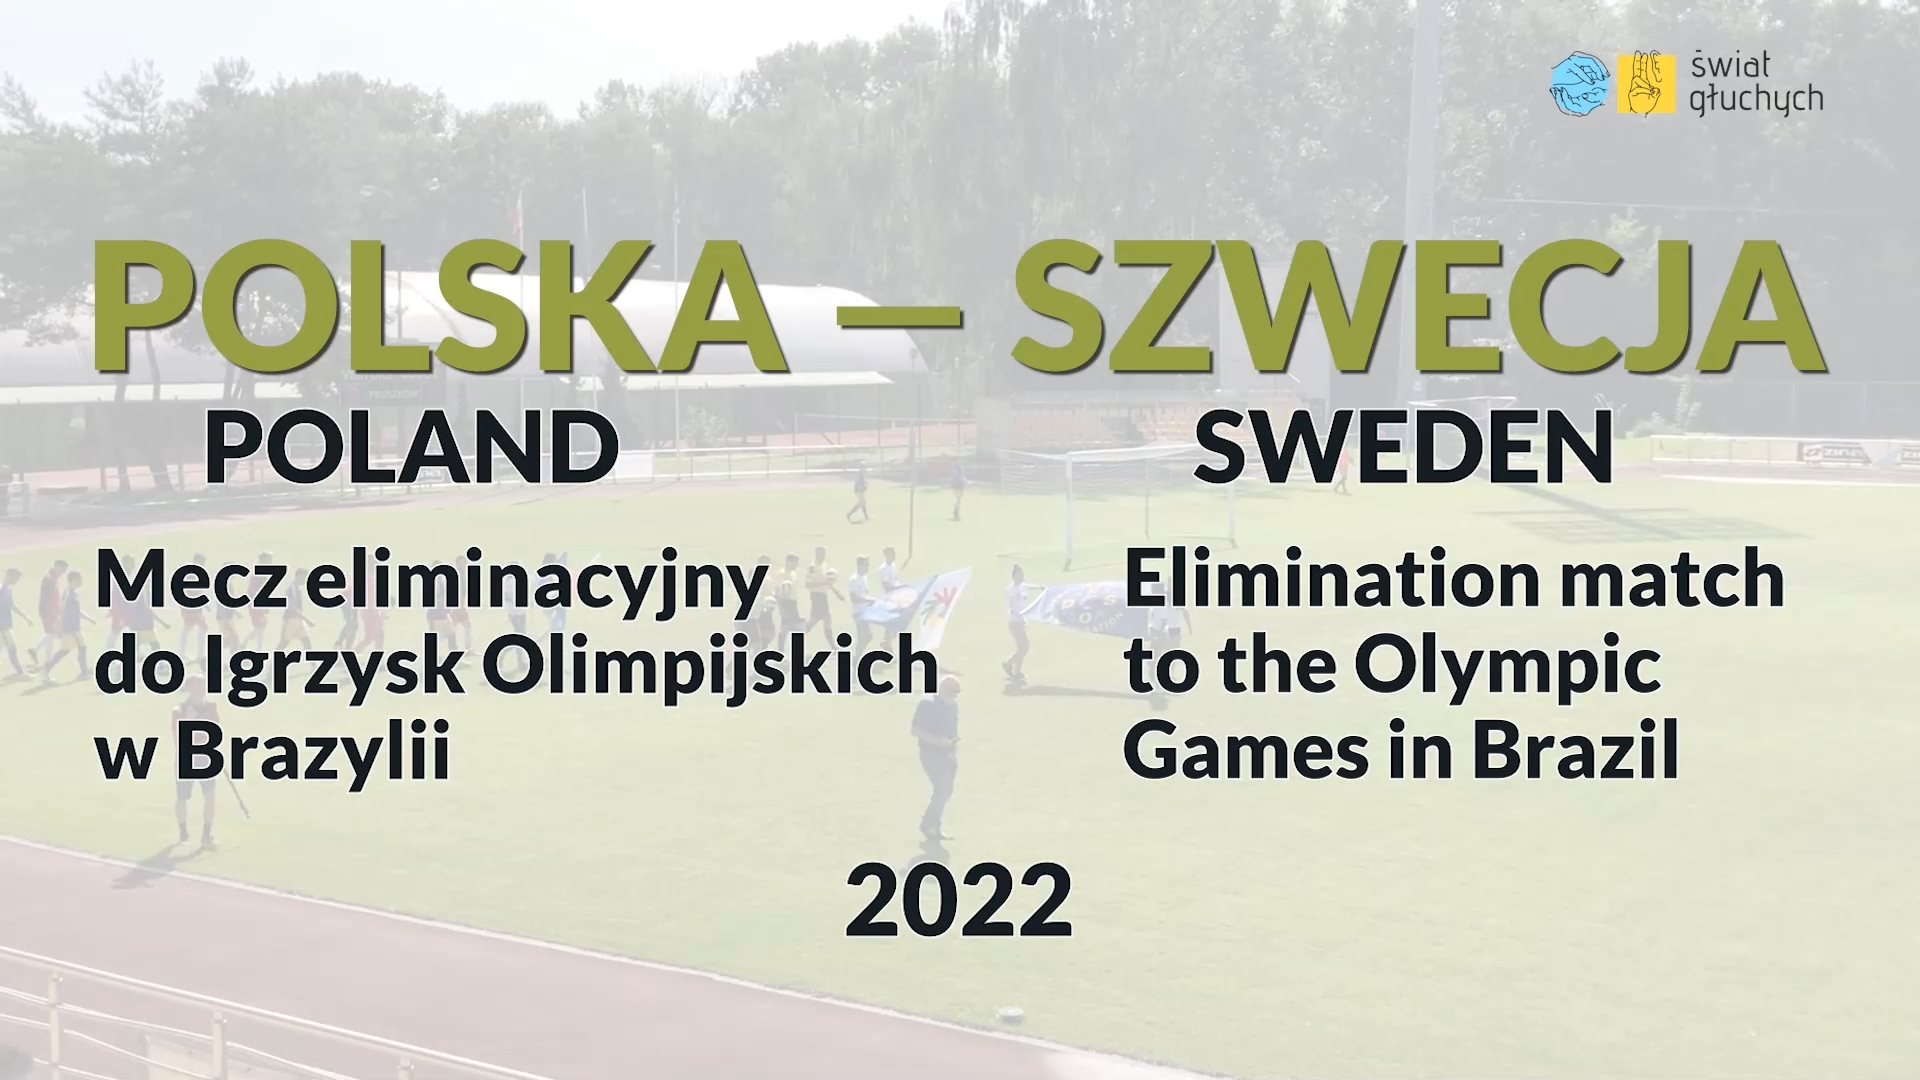 Polska - Szsecja, Mecz eliminacyjny do Igrzysk Olimpijskich Głuchych w Brazylii w 2022